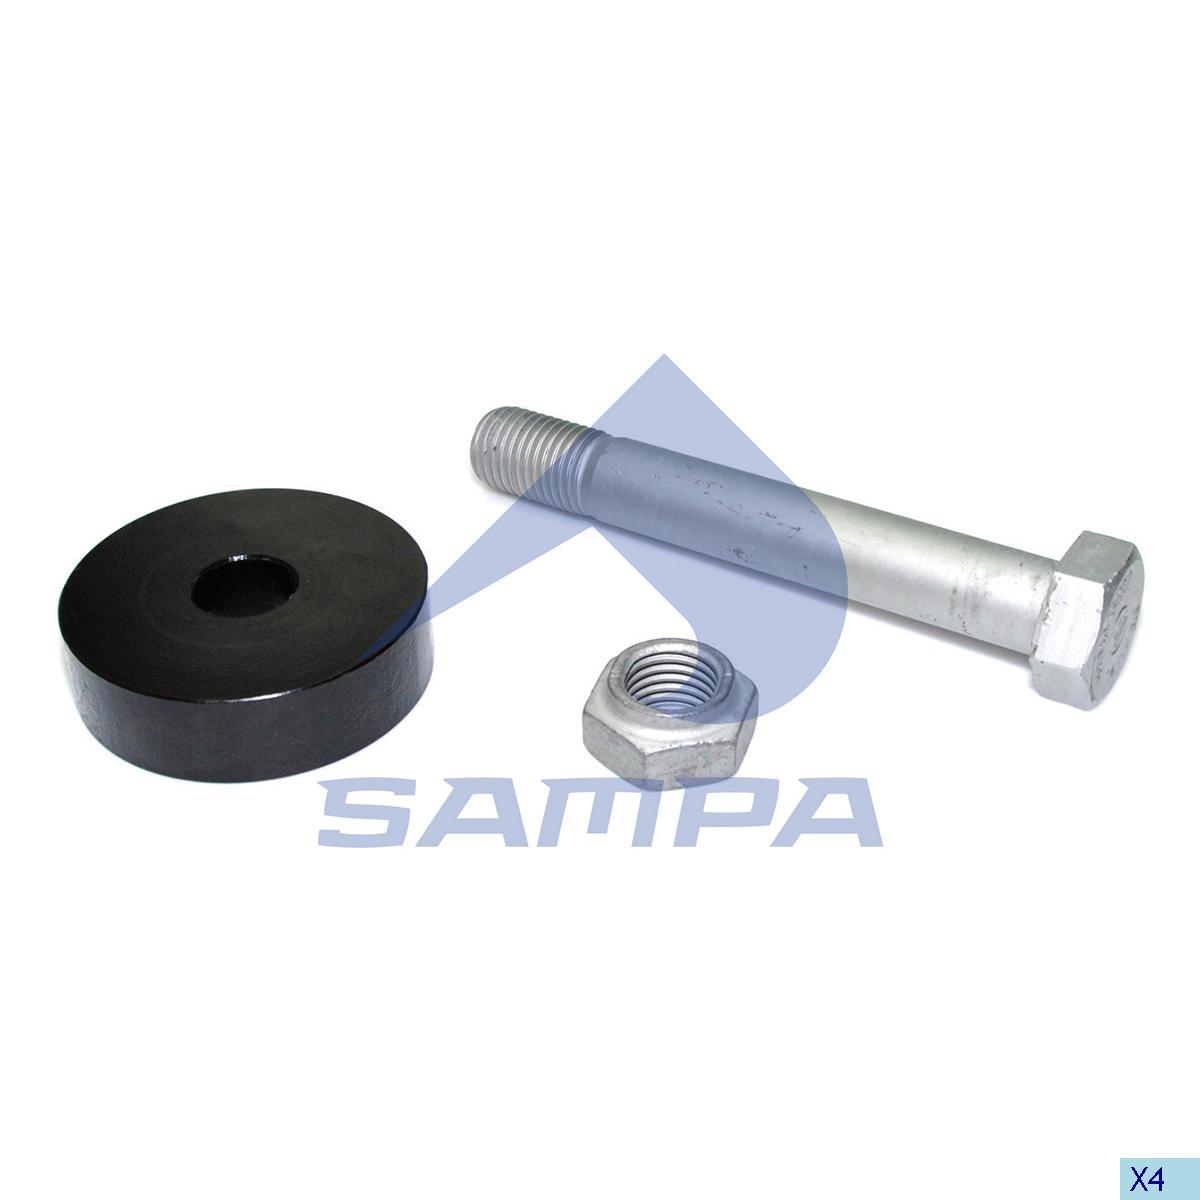 Repair Kit, Spring, Bergische, Suspension